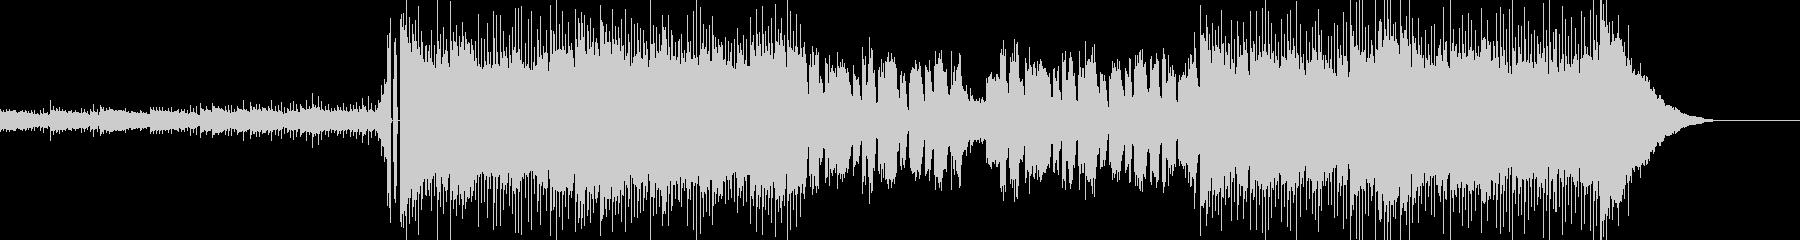 明るく重たい雰囲気のエレクトリックロックの未再生の波形